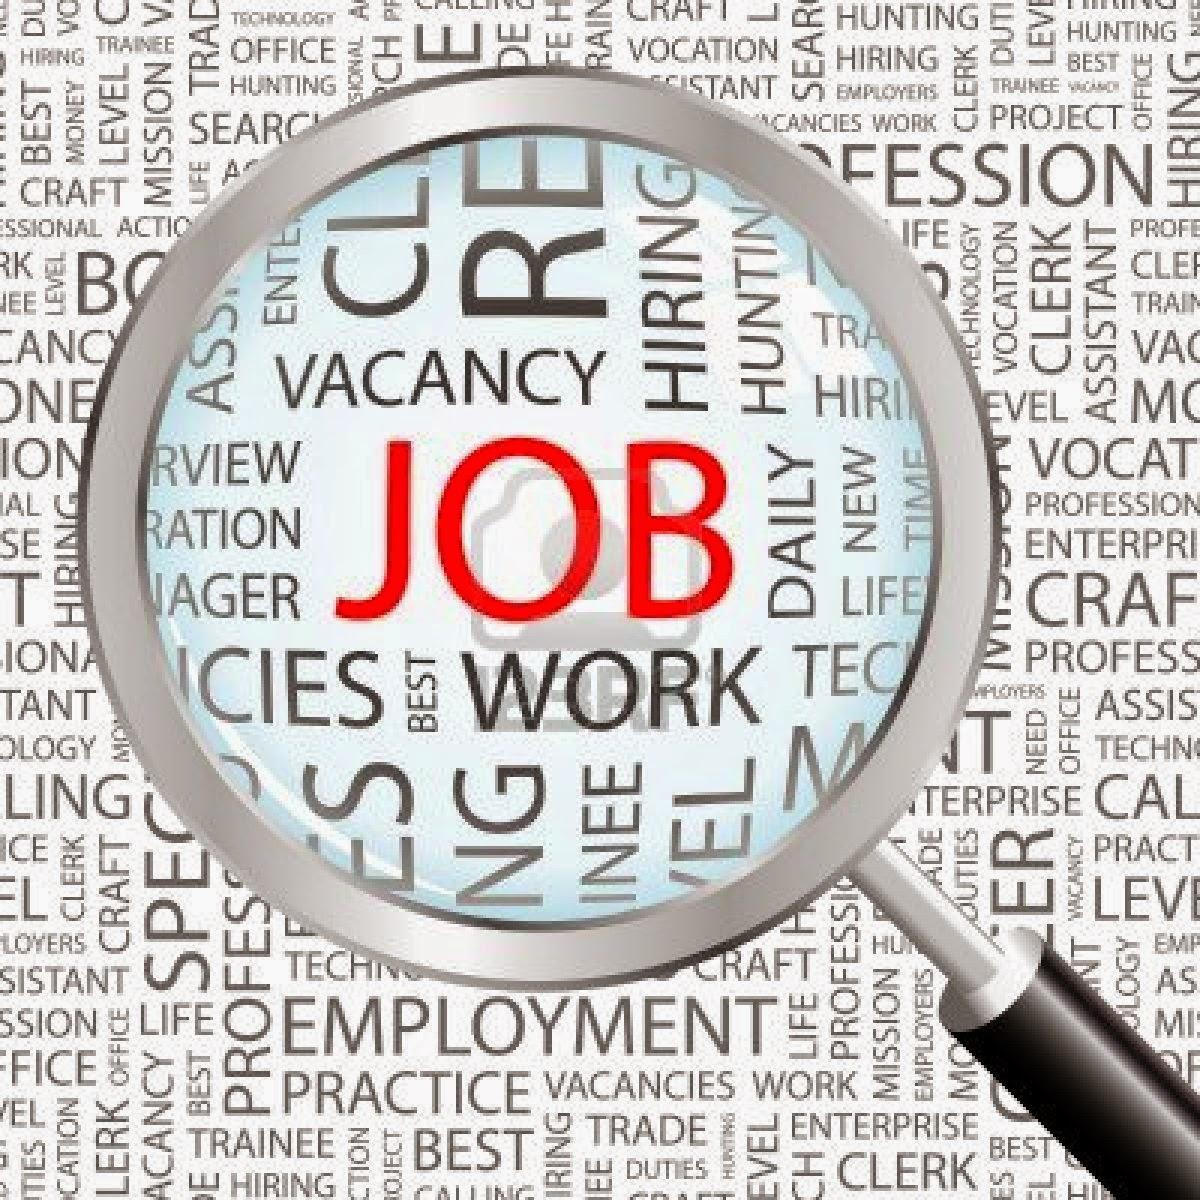 job_opening.jpg